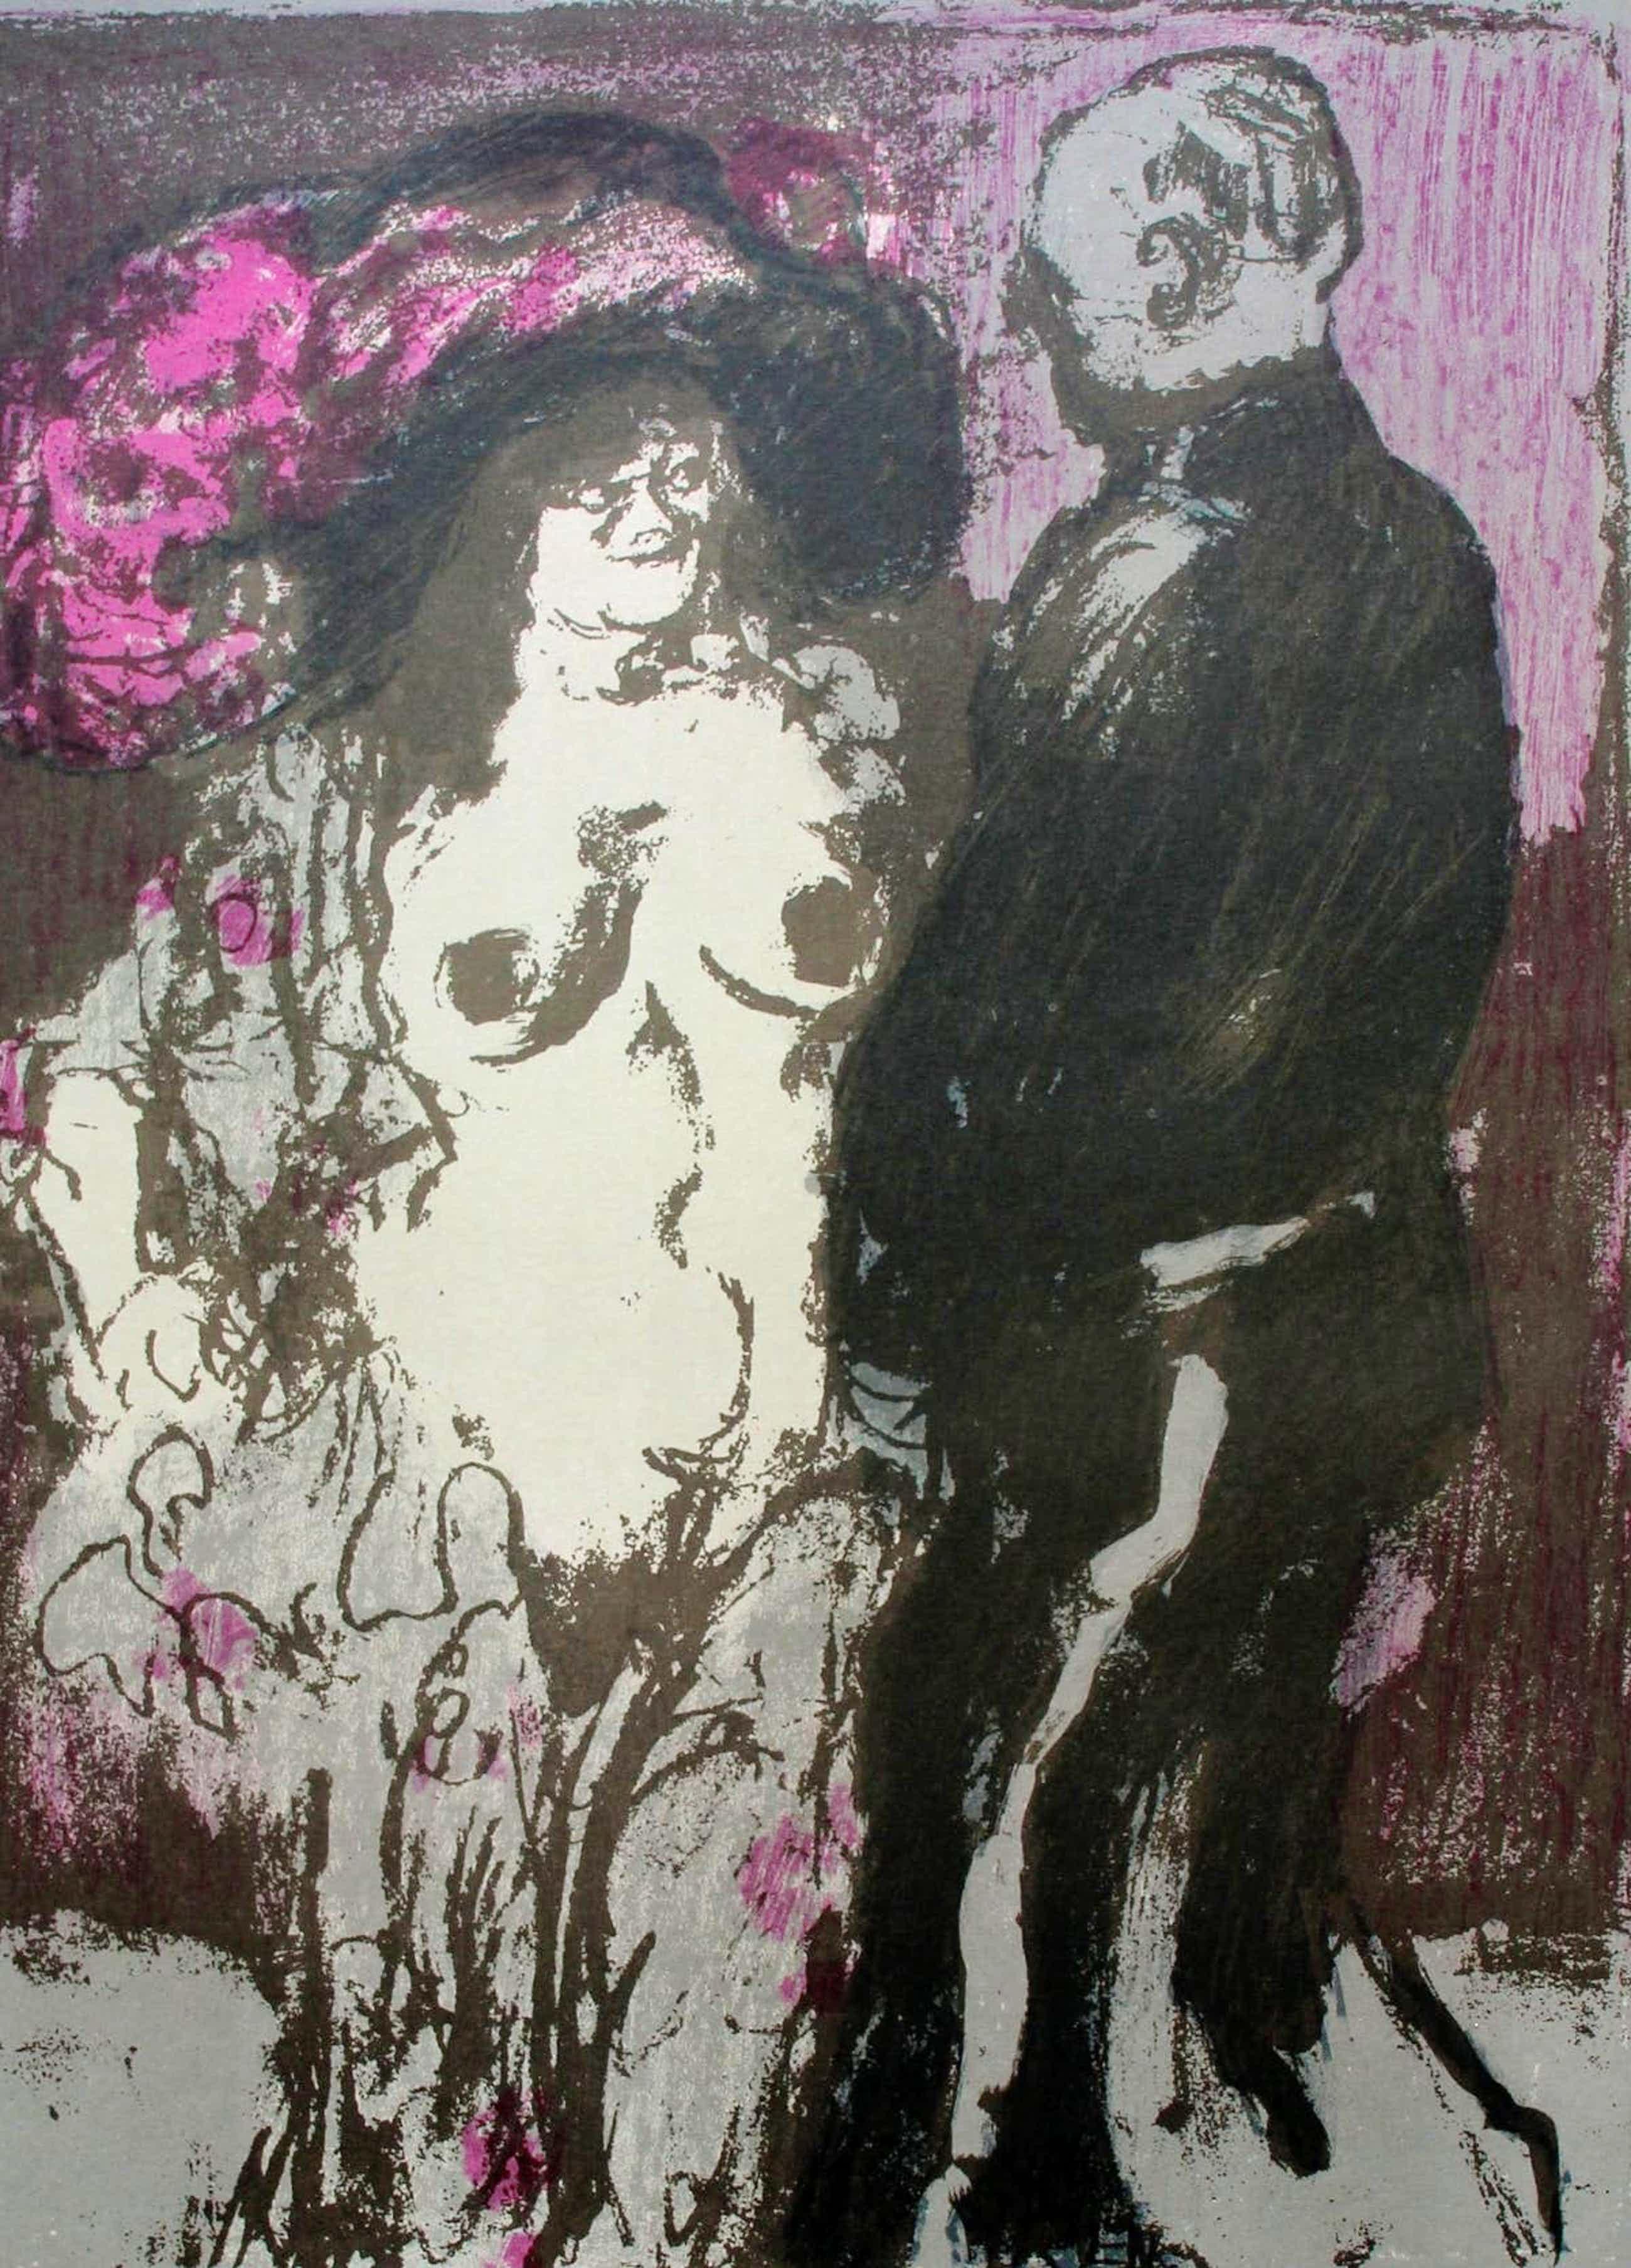 Kurt Lob - Ets: Naakt - 1973 kopen? Bied vanaf 60!